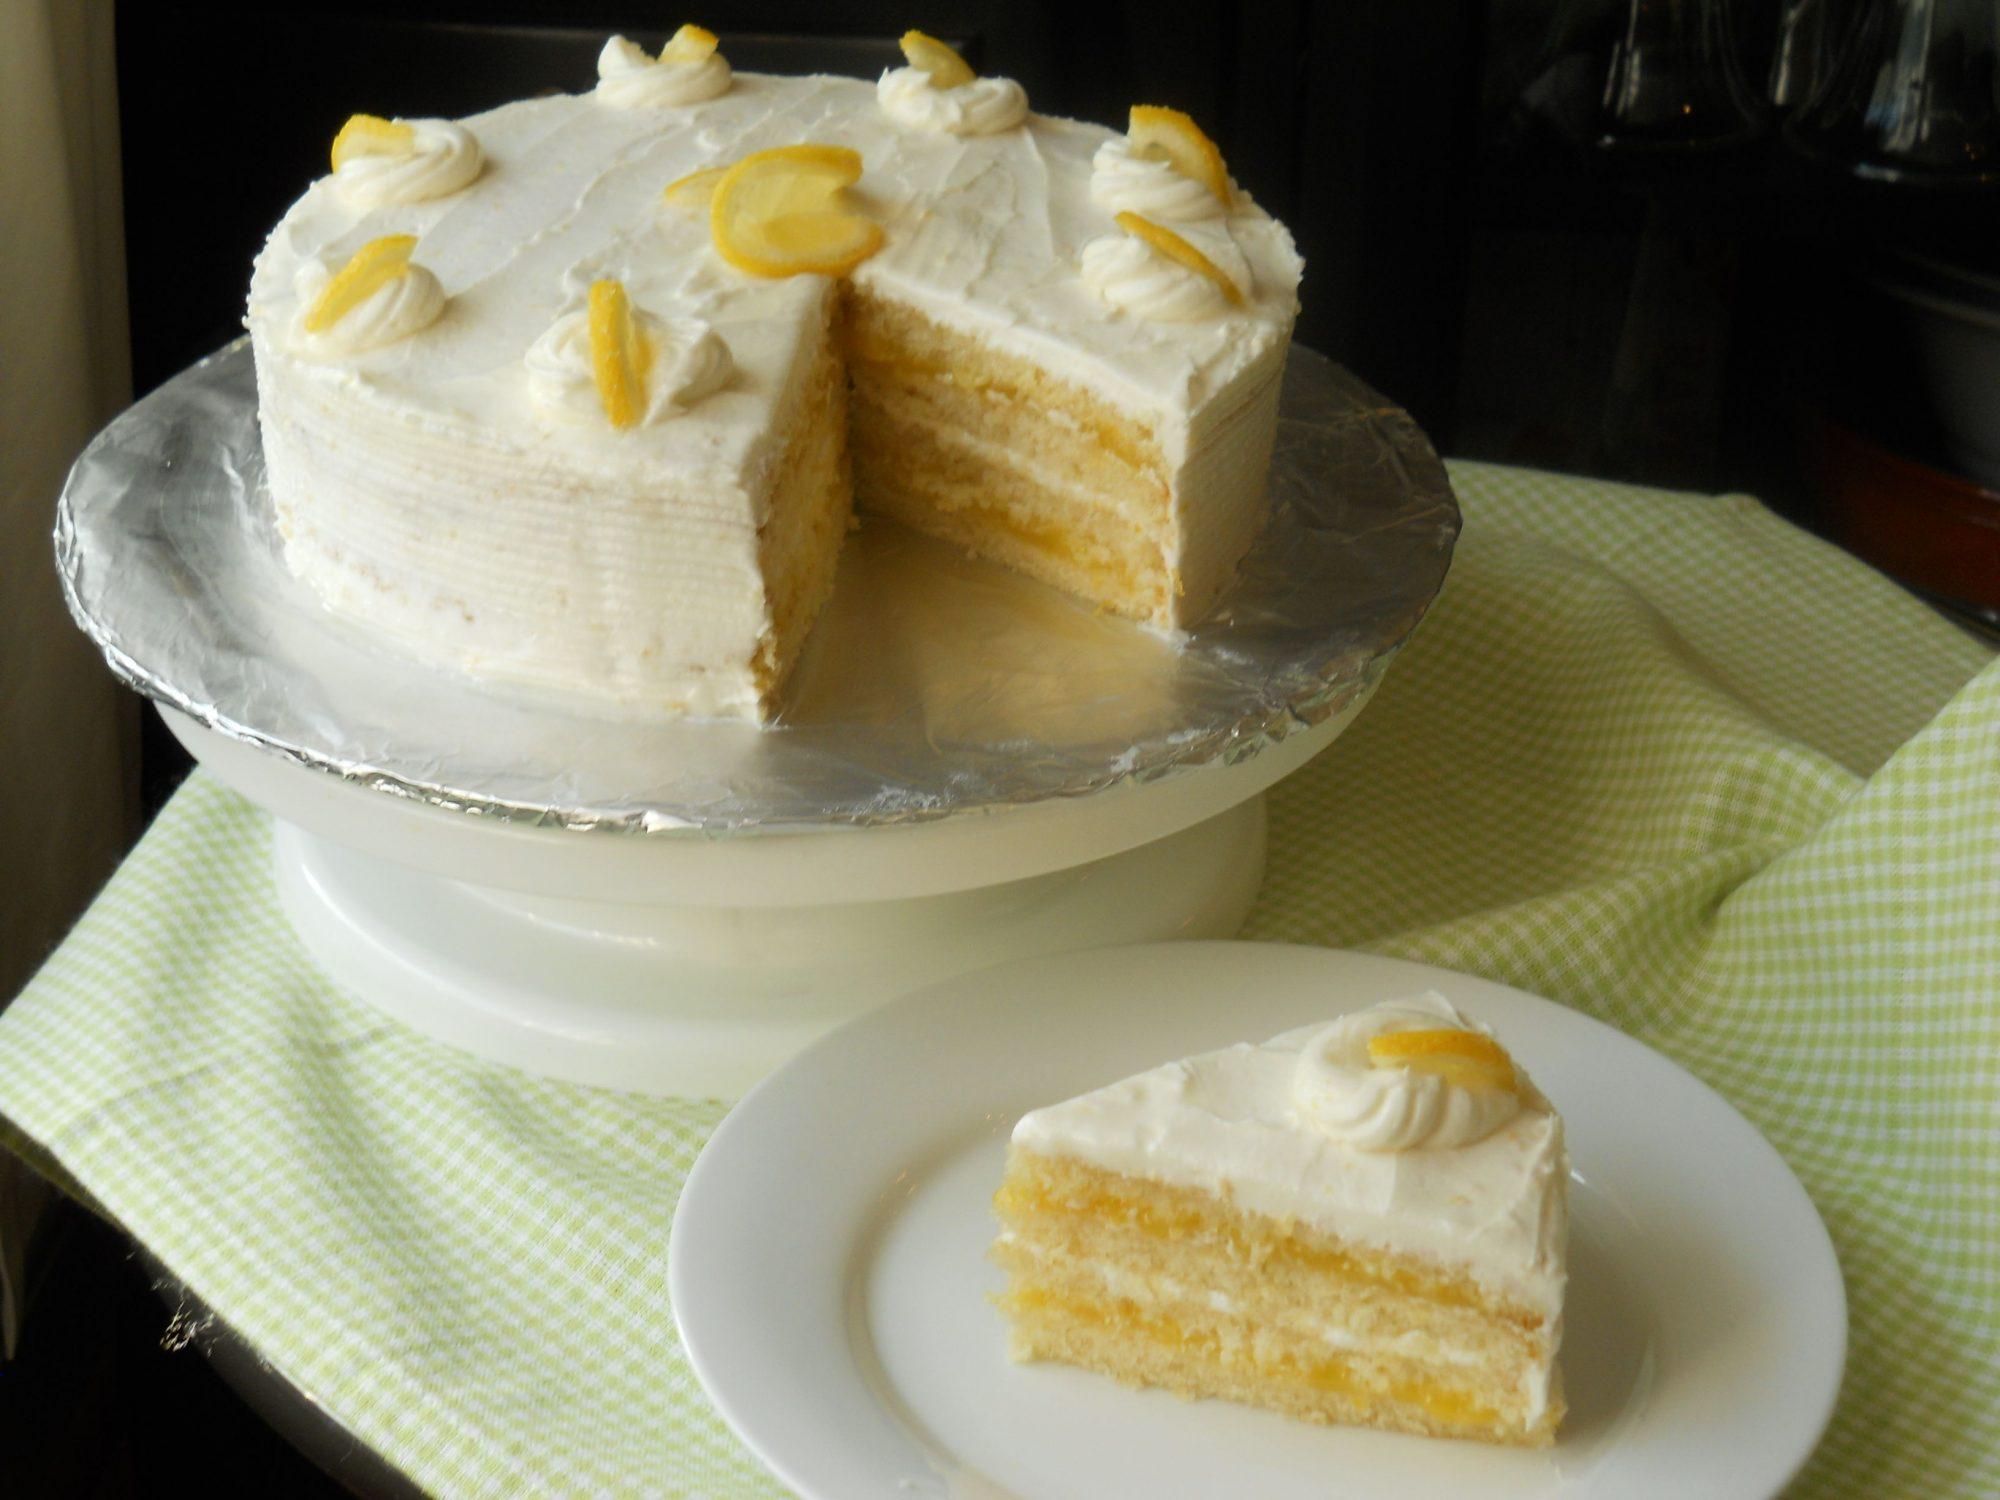 Pastel de limón con relleno de limón y betún de limón